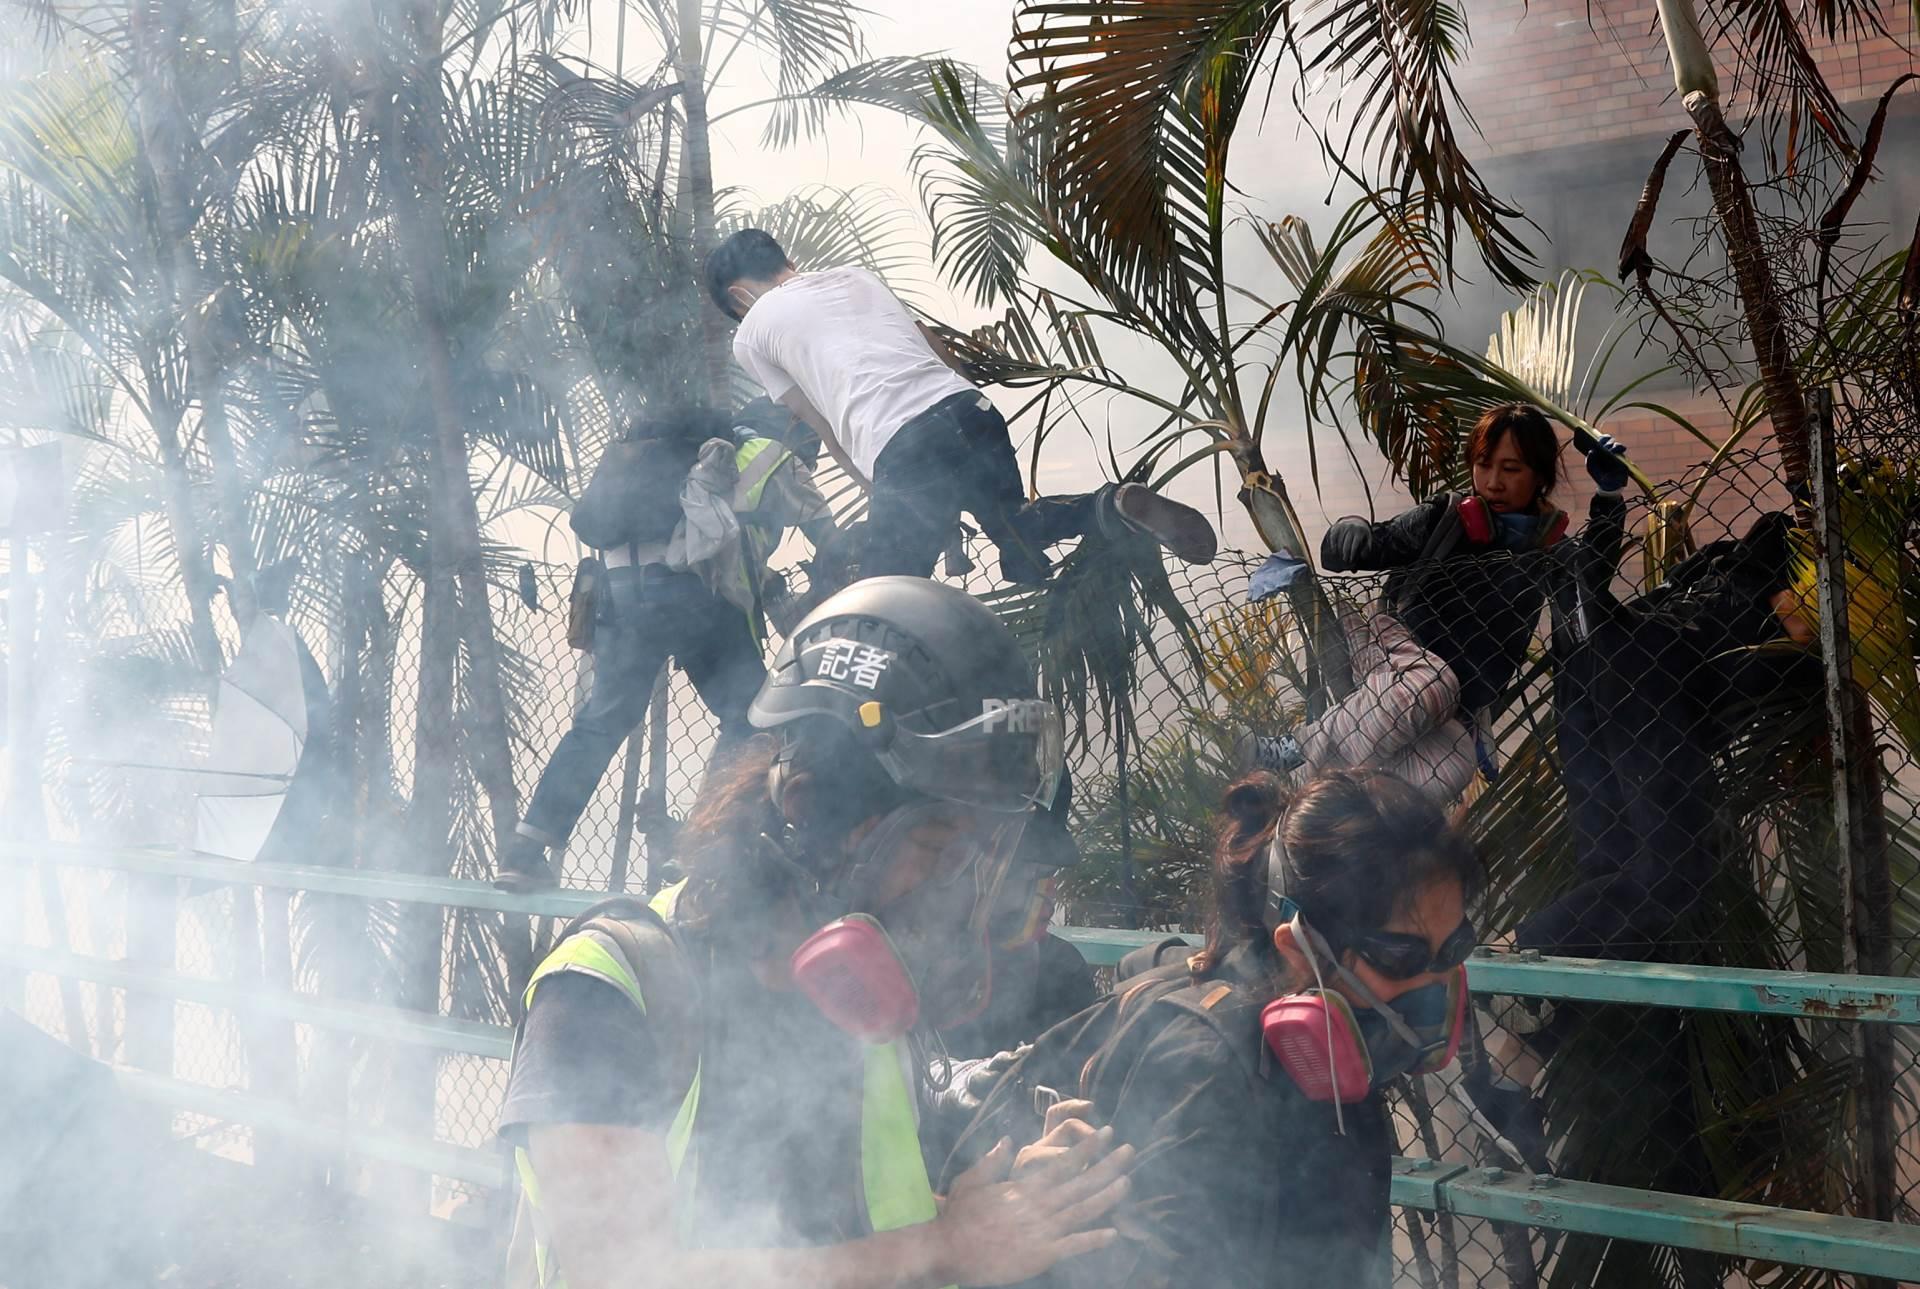 policija-opkolila-univerzitet-u-hongkongu-studenti-beze